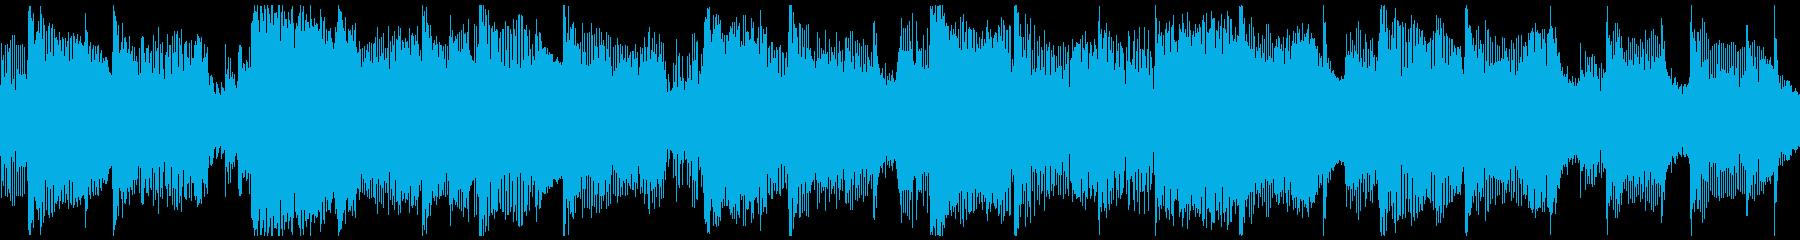 ピアノ演奏を伴う軽くて簡単なポップ...の再生済みの波形